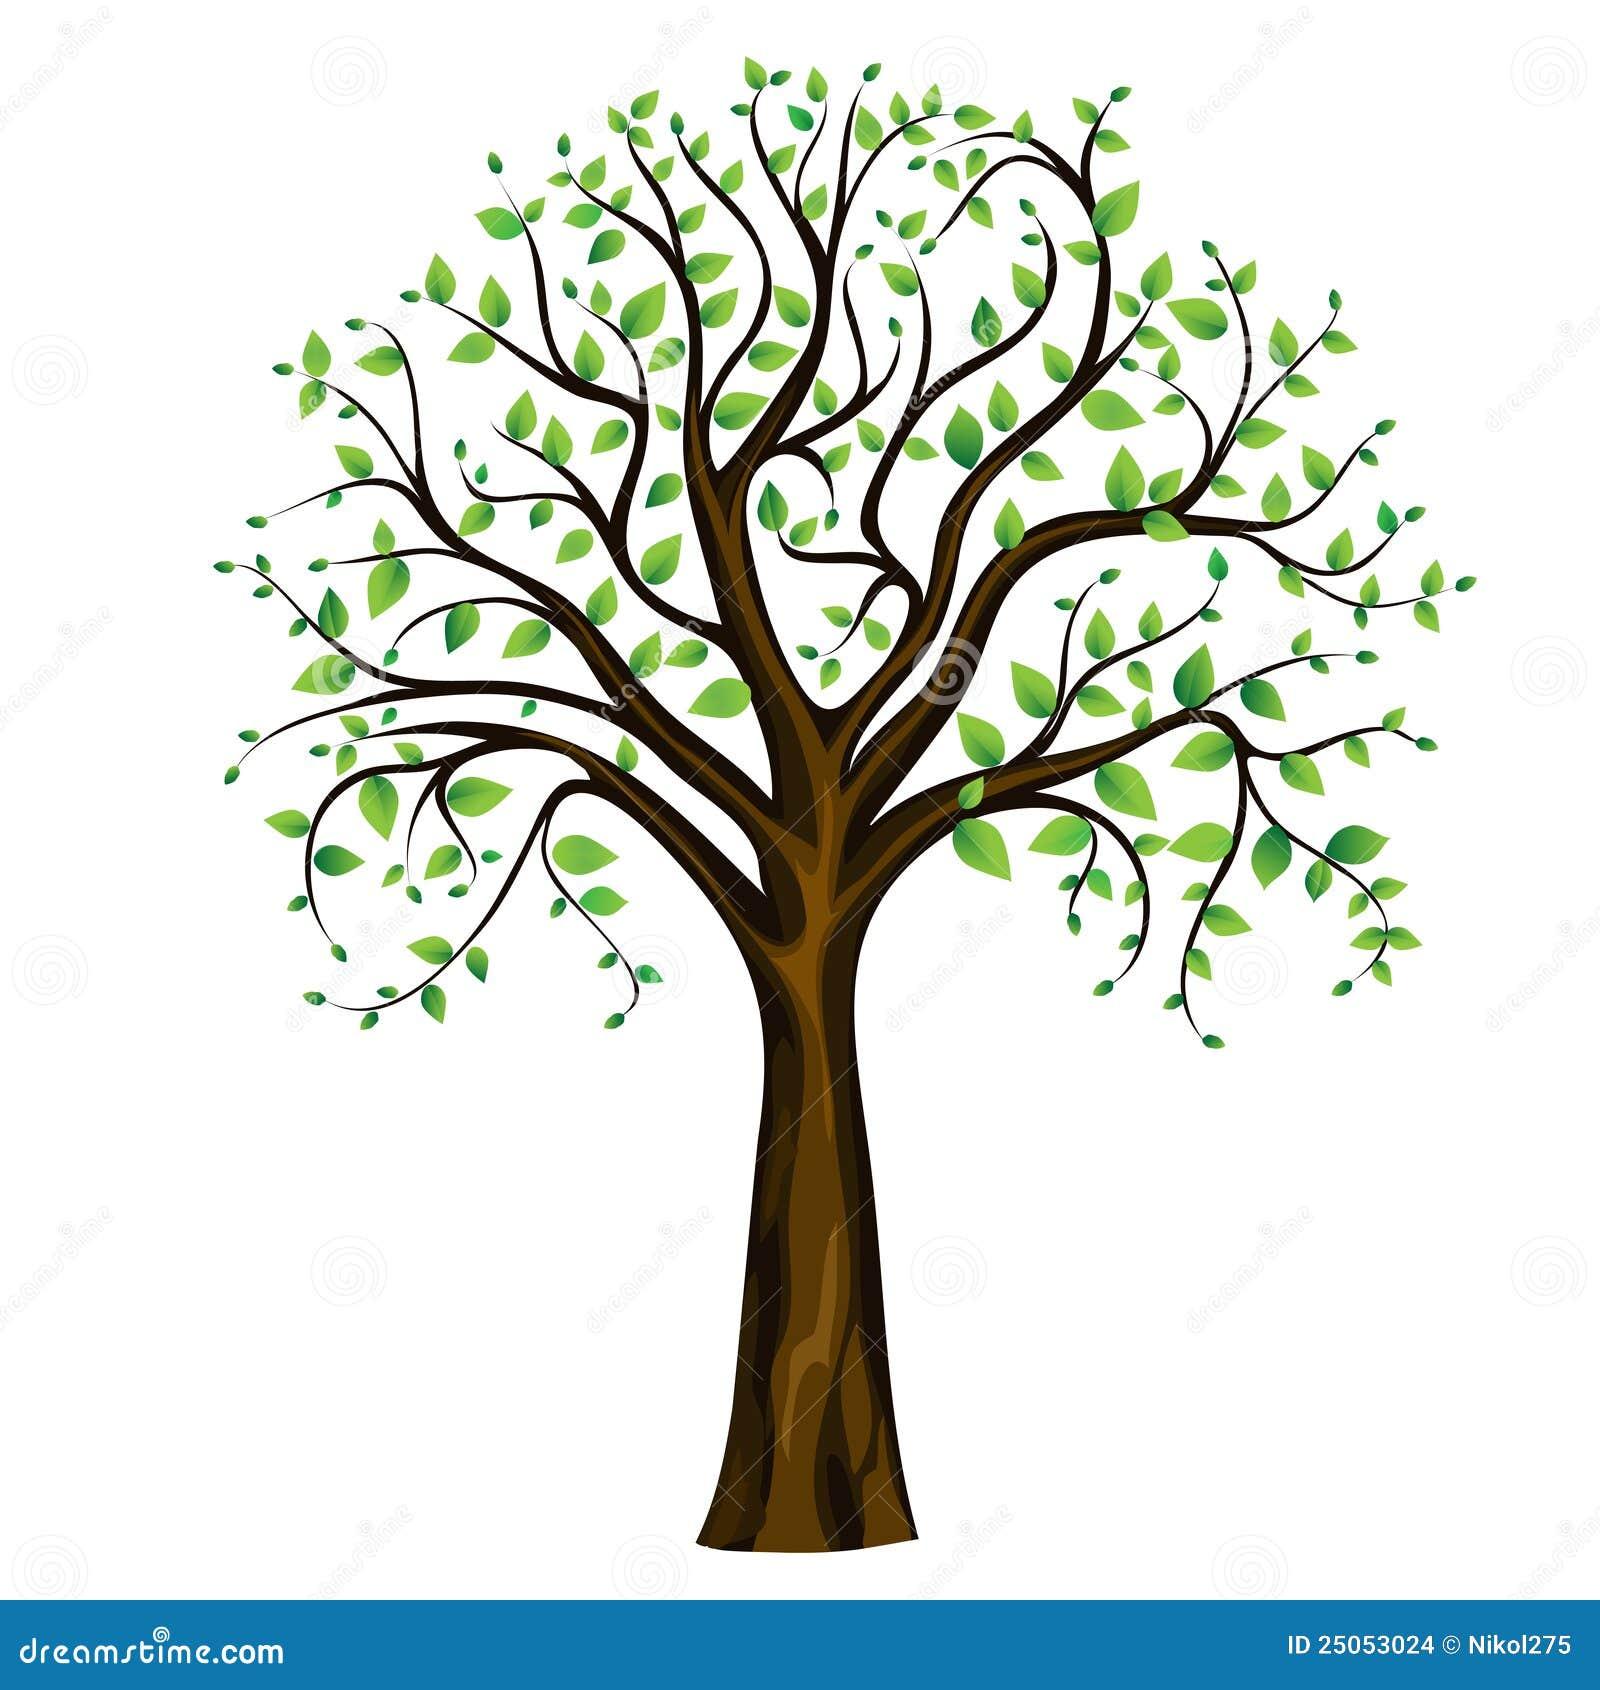 Vector Illustration Tree: Spring Tree, Vector Stock Vector. Illustration Of Blossom